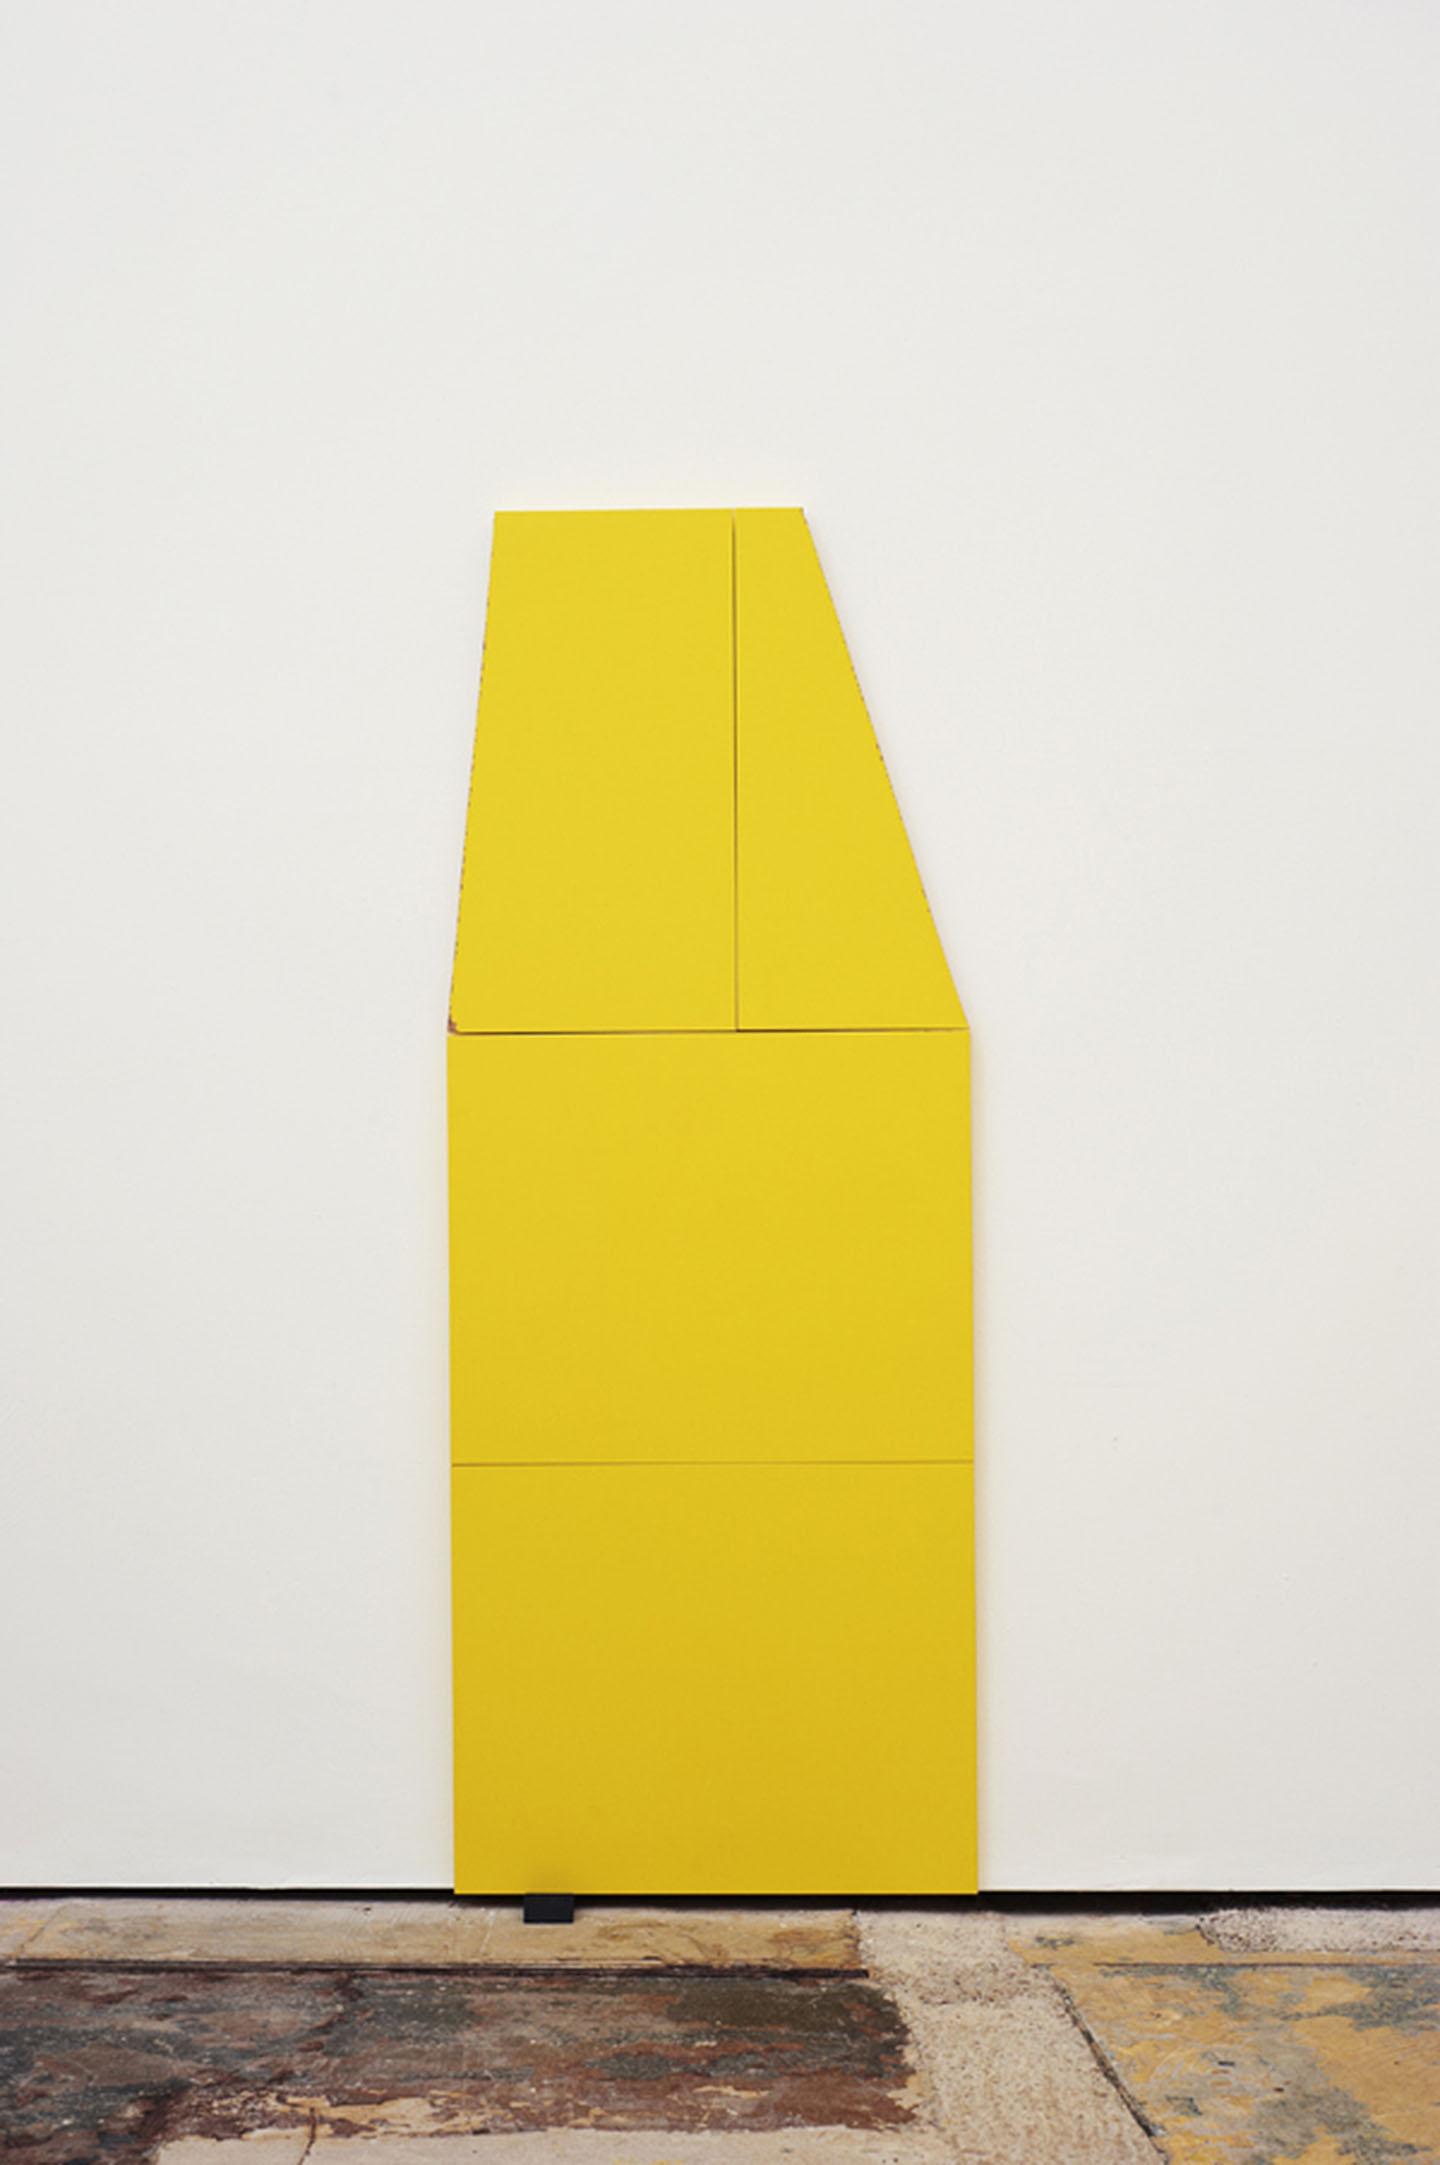 Merrick-Untitled-Wedge-2011-09